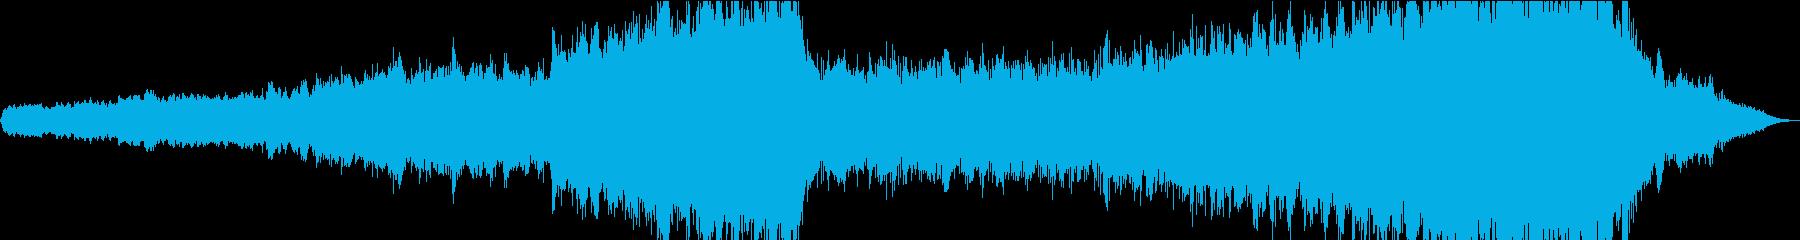 現代的 交響曲 ドラマチック 弦楽器の再生済みの波形